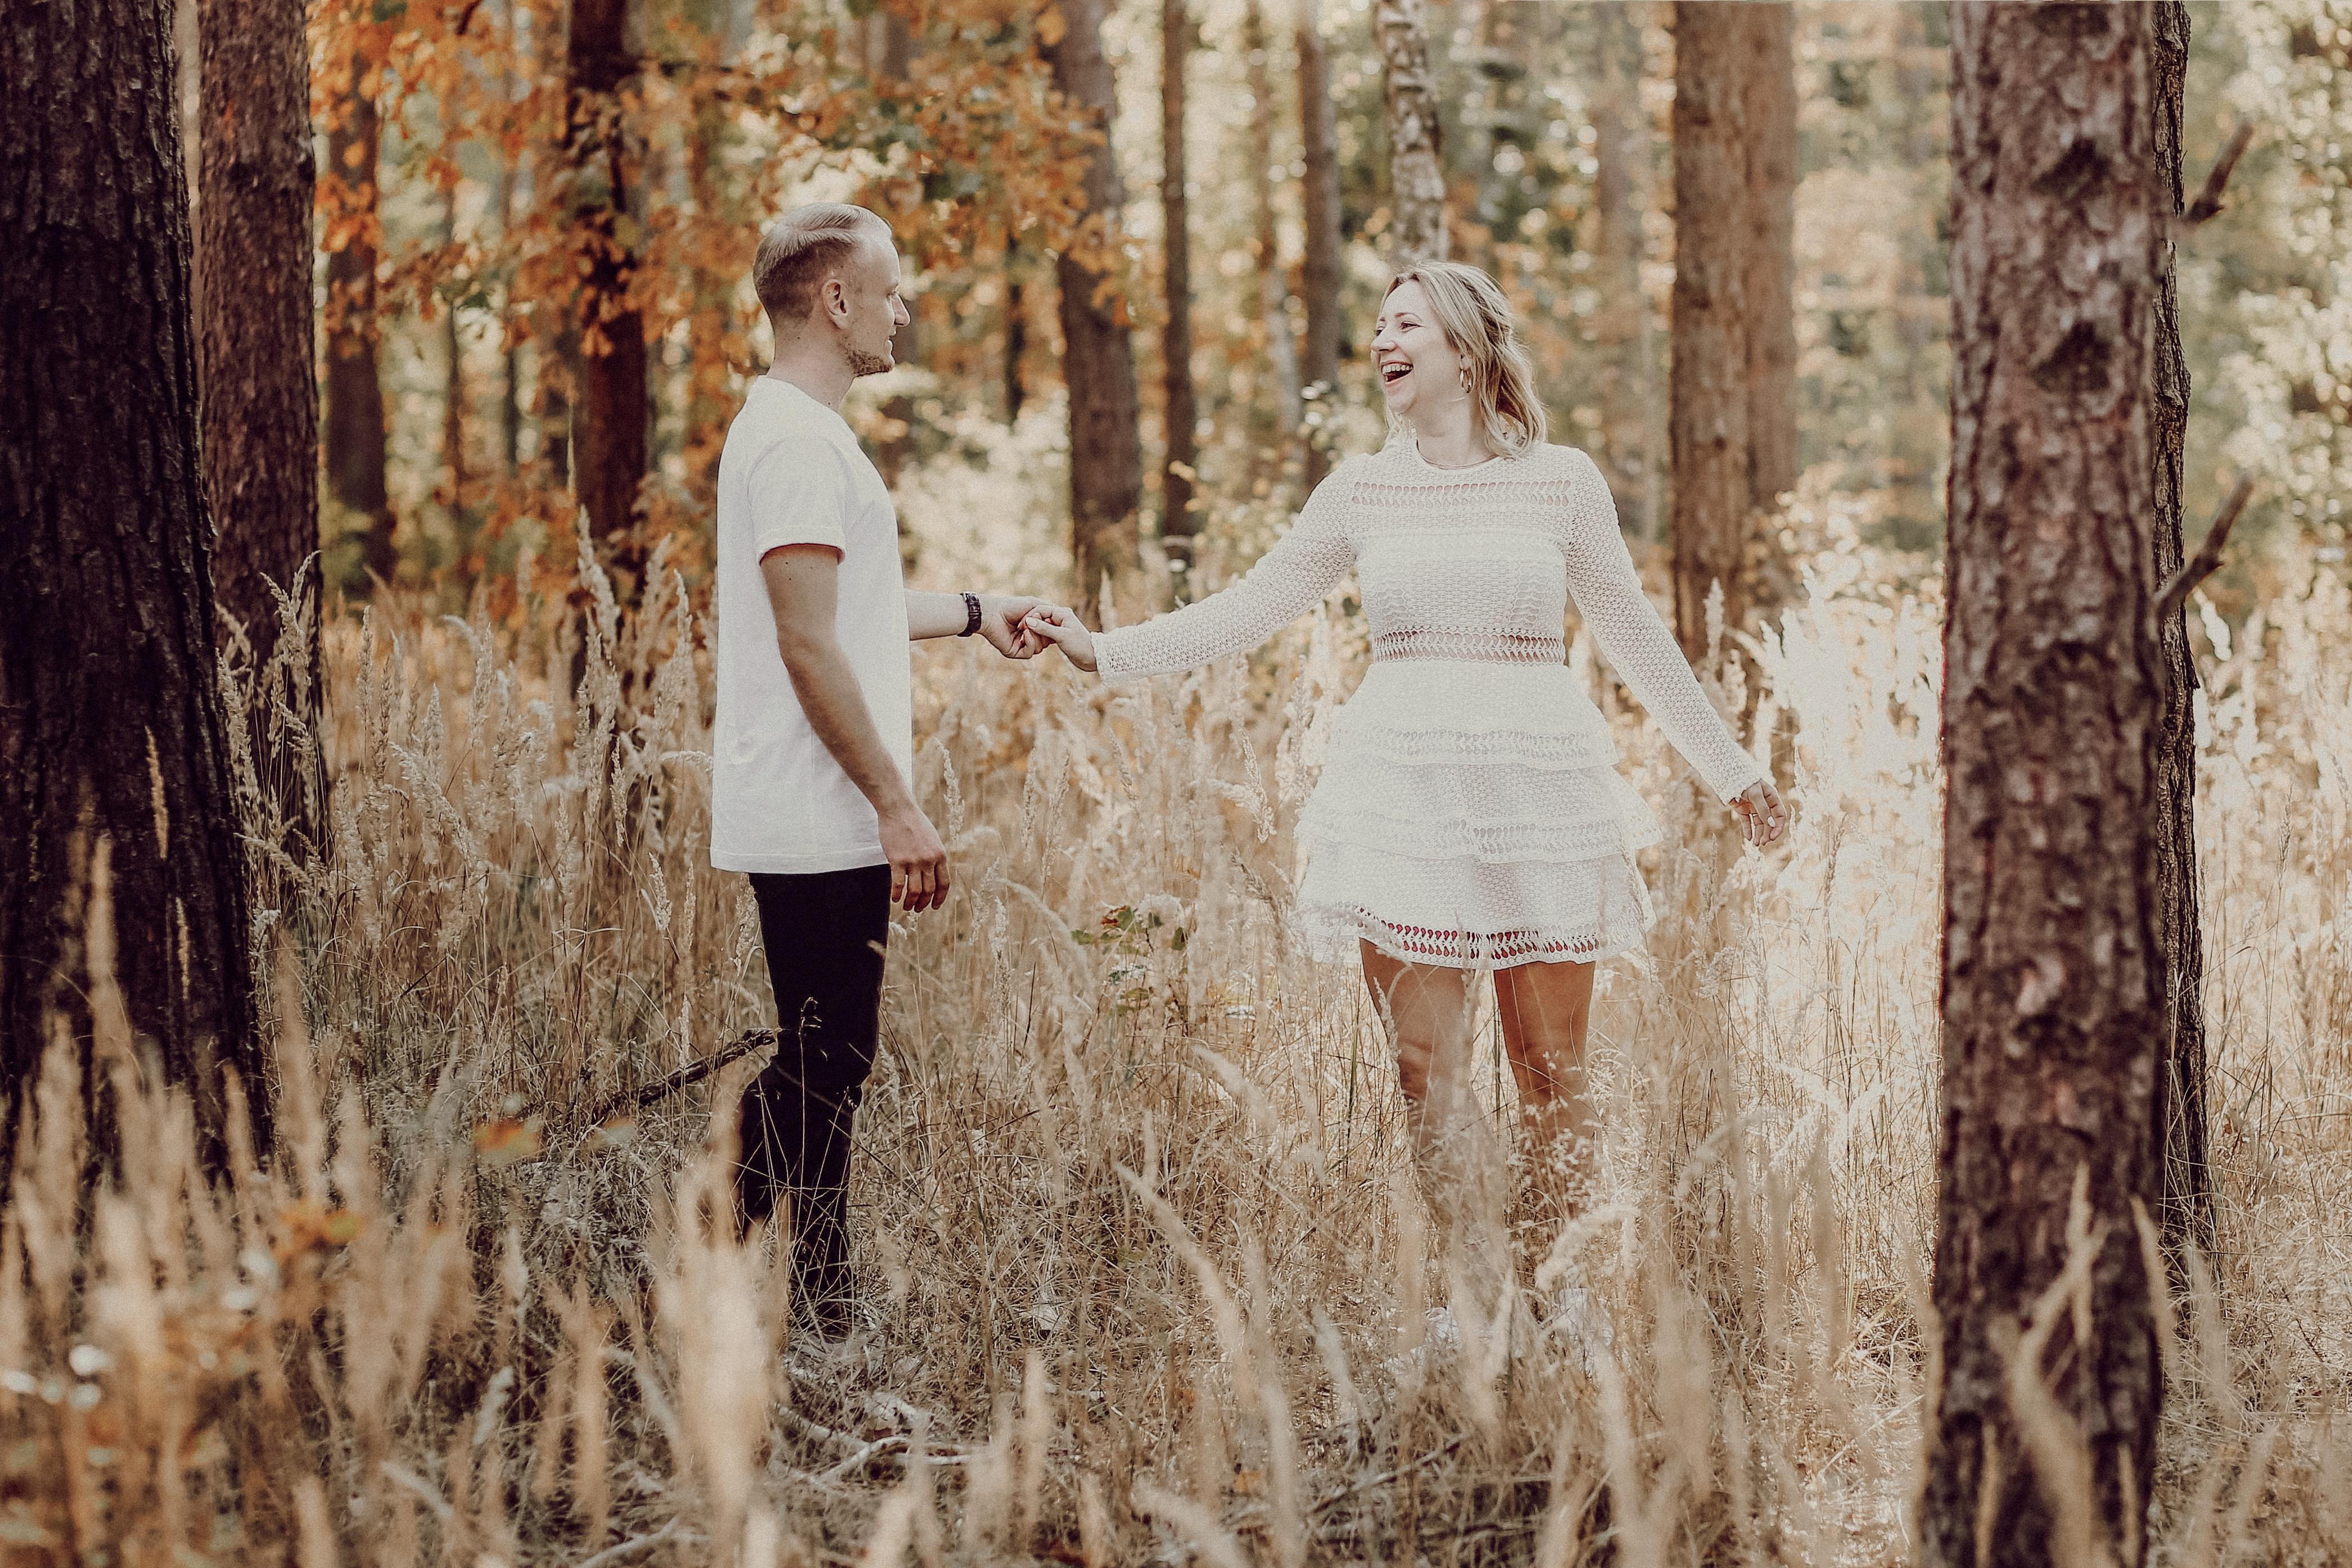 Einfach mal drauf los tanzen - beim Verlobungsshooting ist das ein super Eisbrecher!